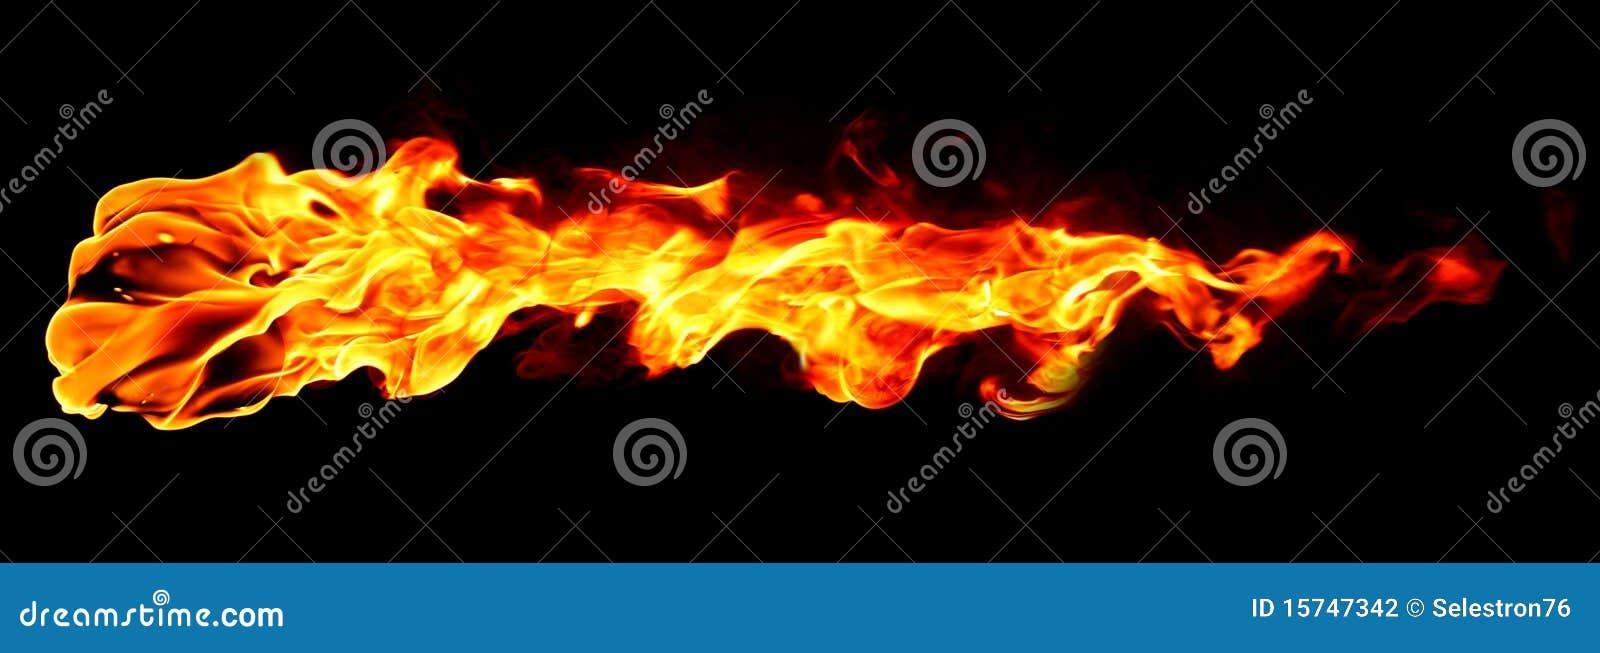 Fiamma del fuoco isolata